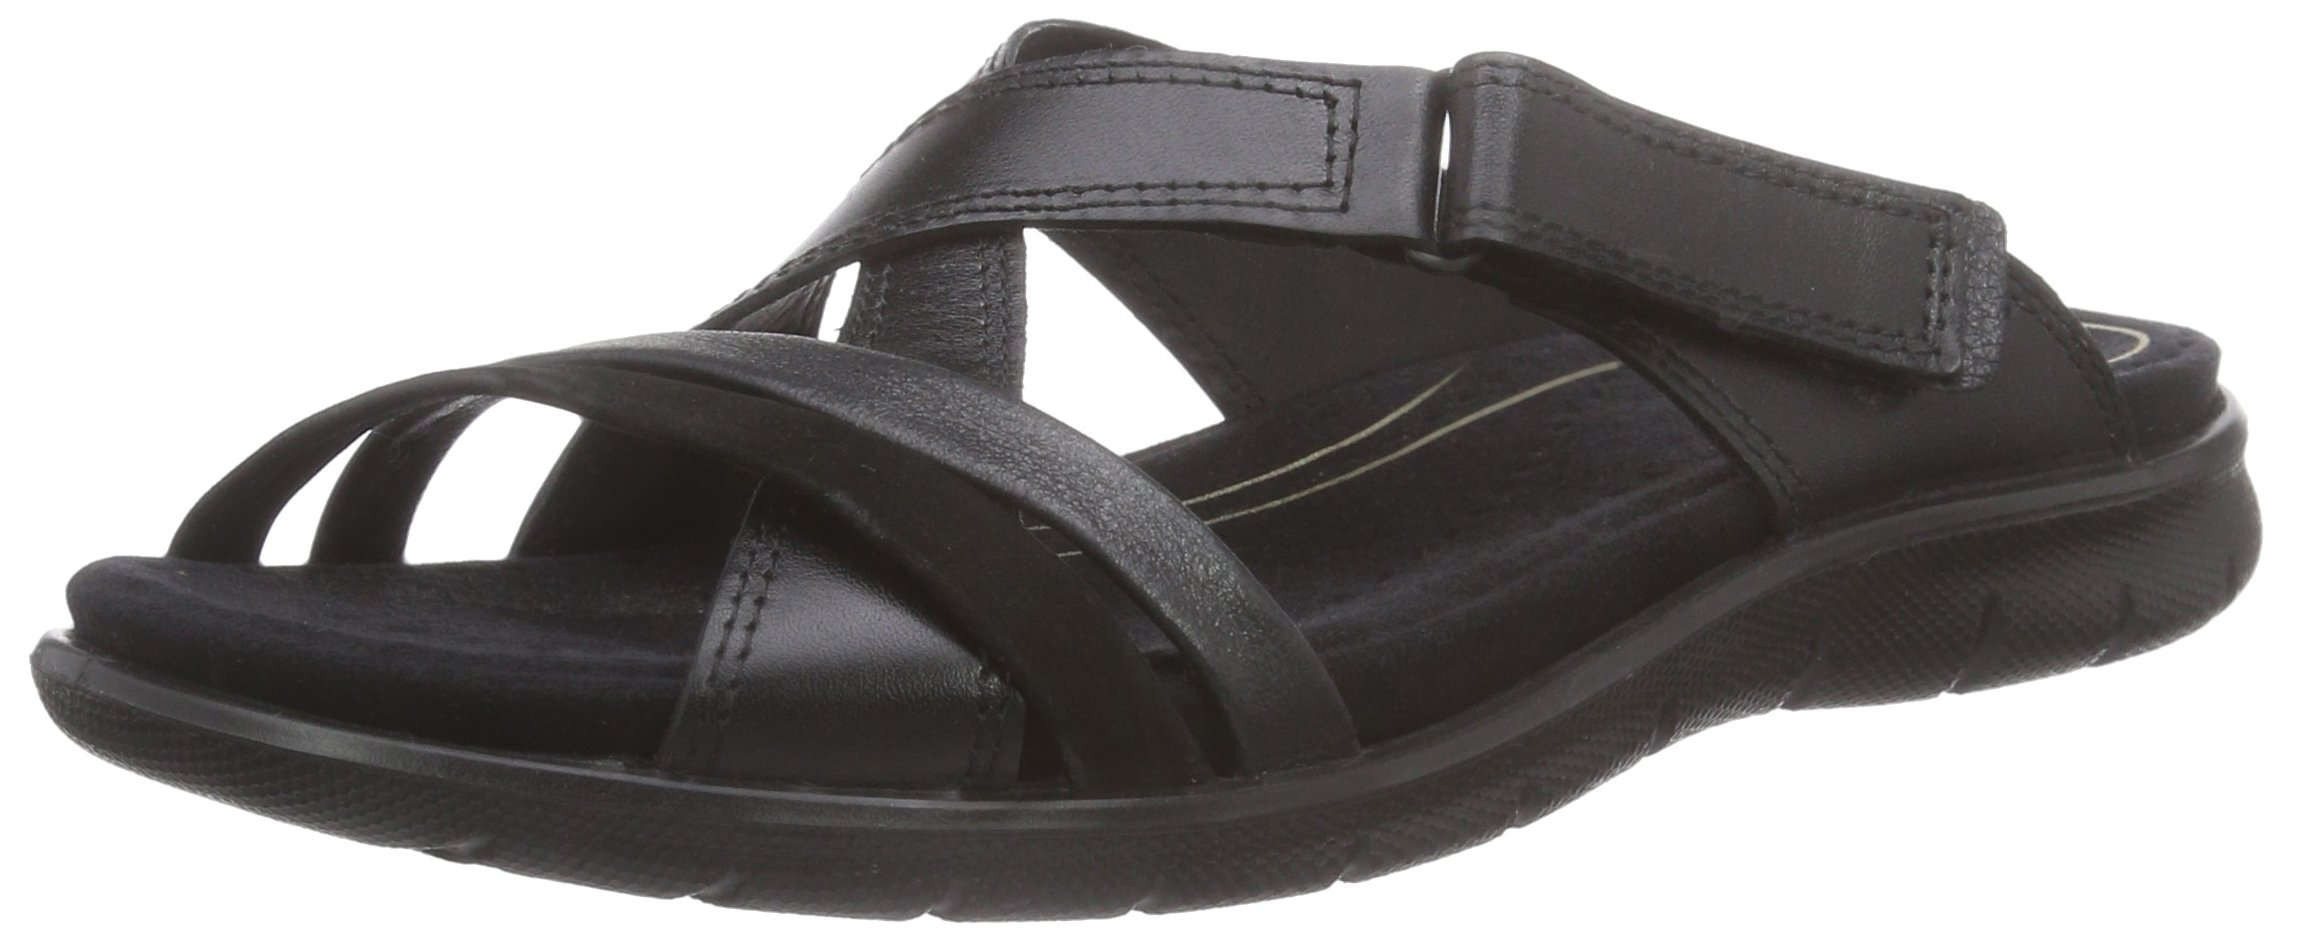 Ecco Footwear Womens Babett Slide Slip-On Loafer, Black, 41 EU/10-10.5 M US